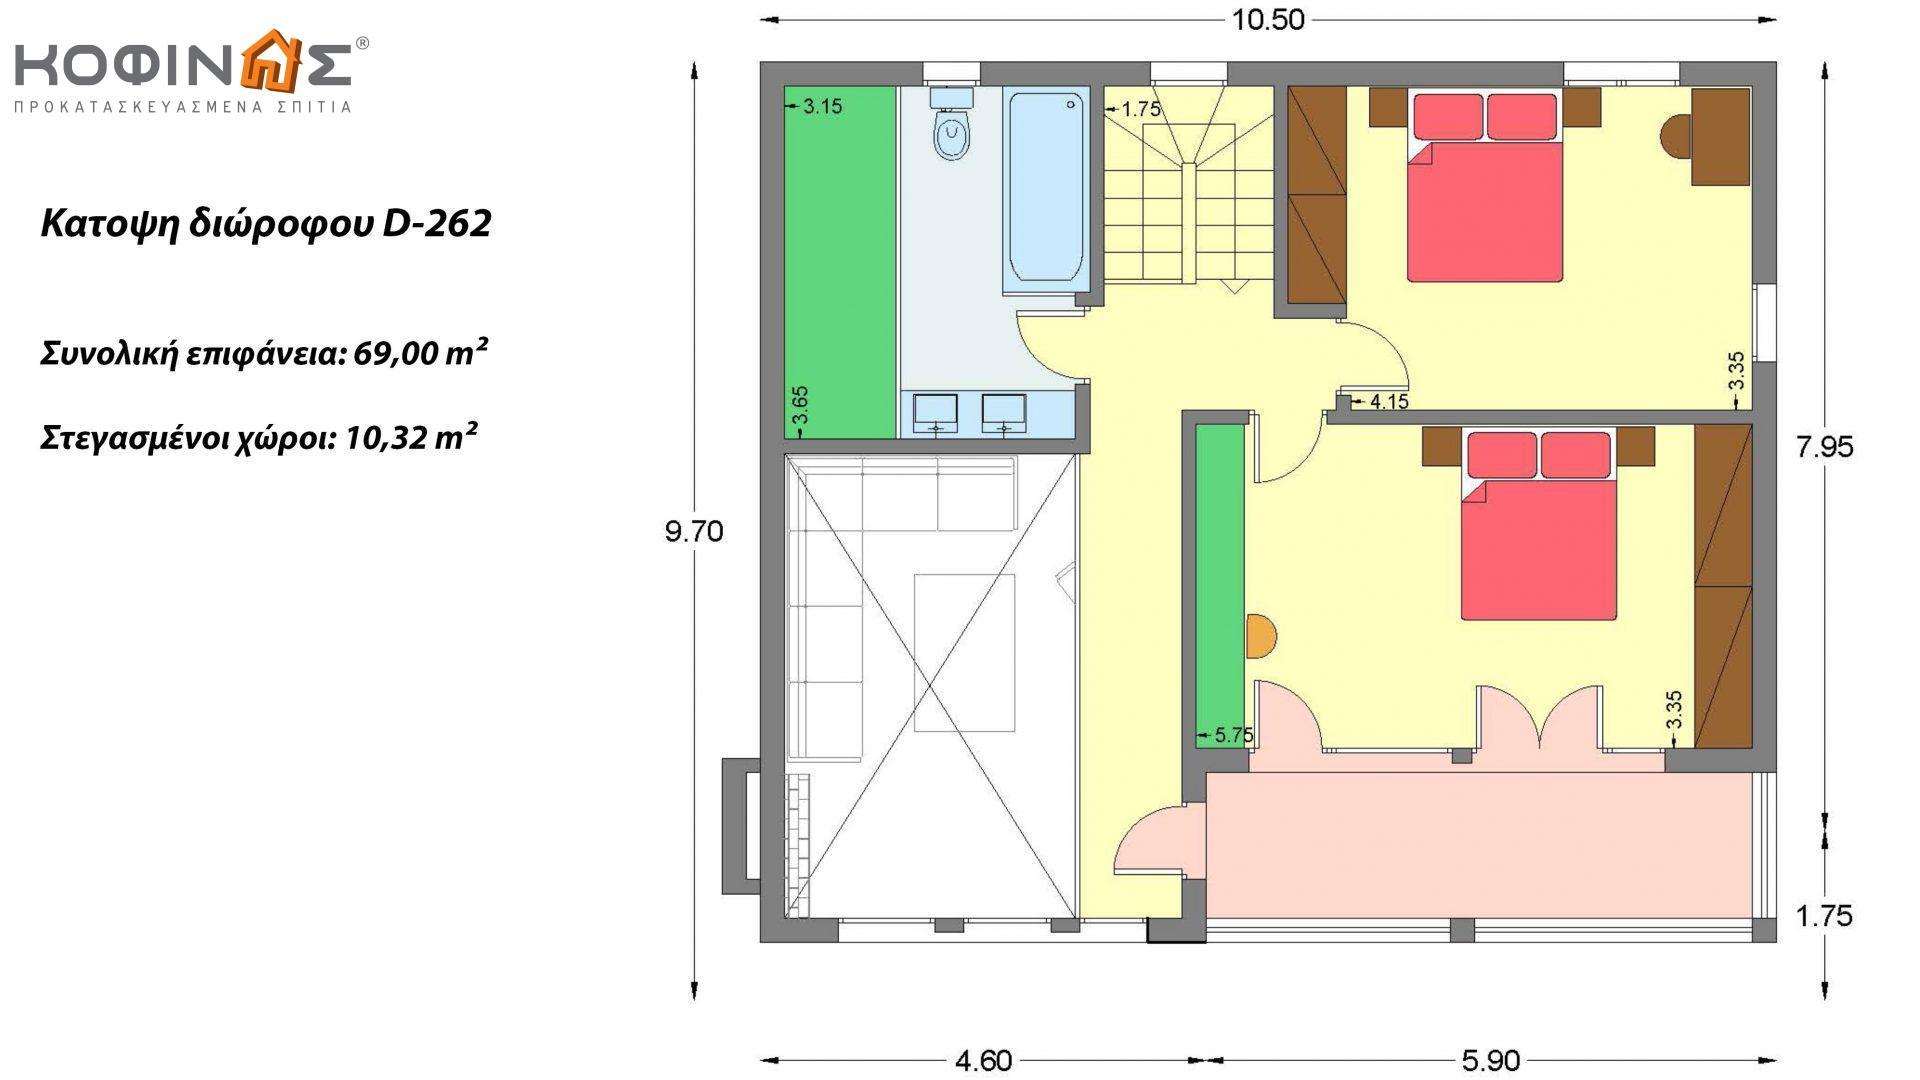 Διώροφη Κατοικία D-262, συνολικής επιφάνειας 262,37 τ.μ